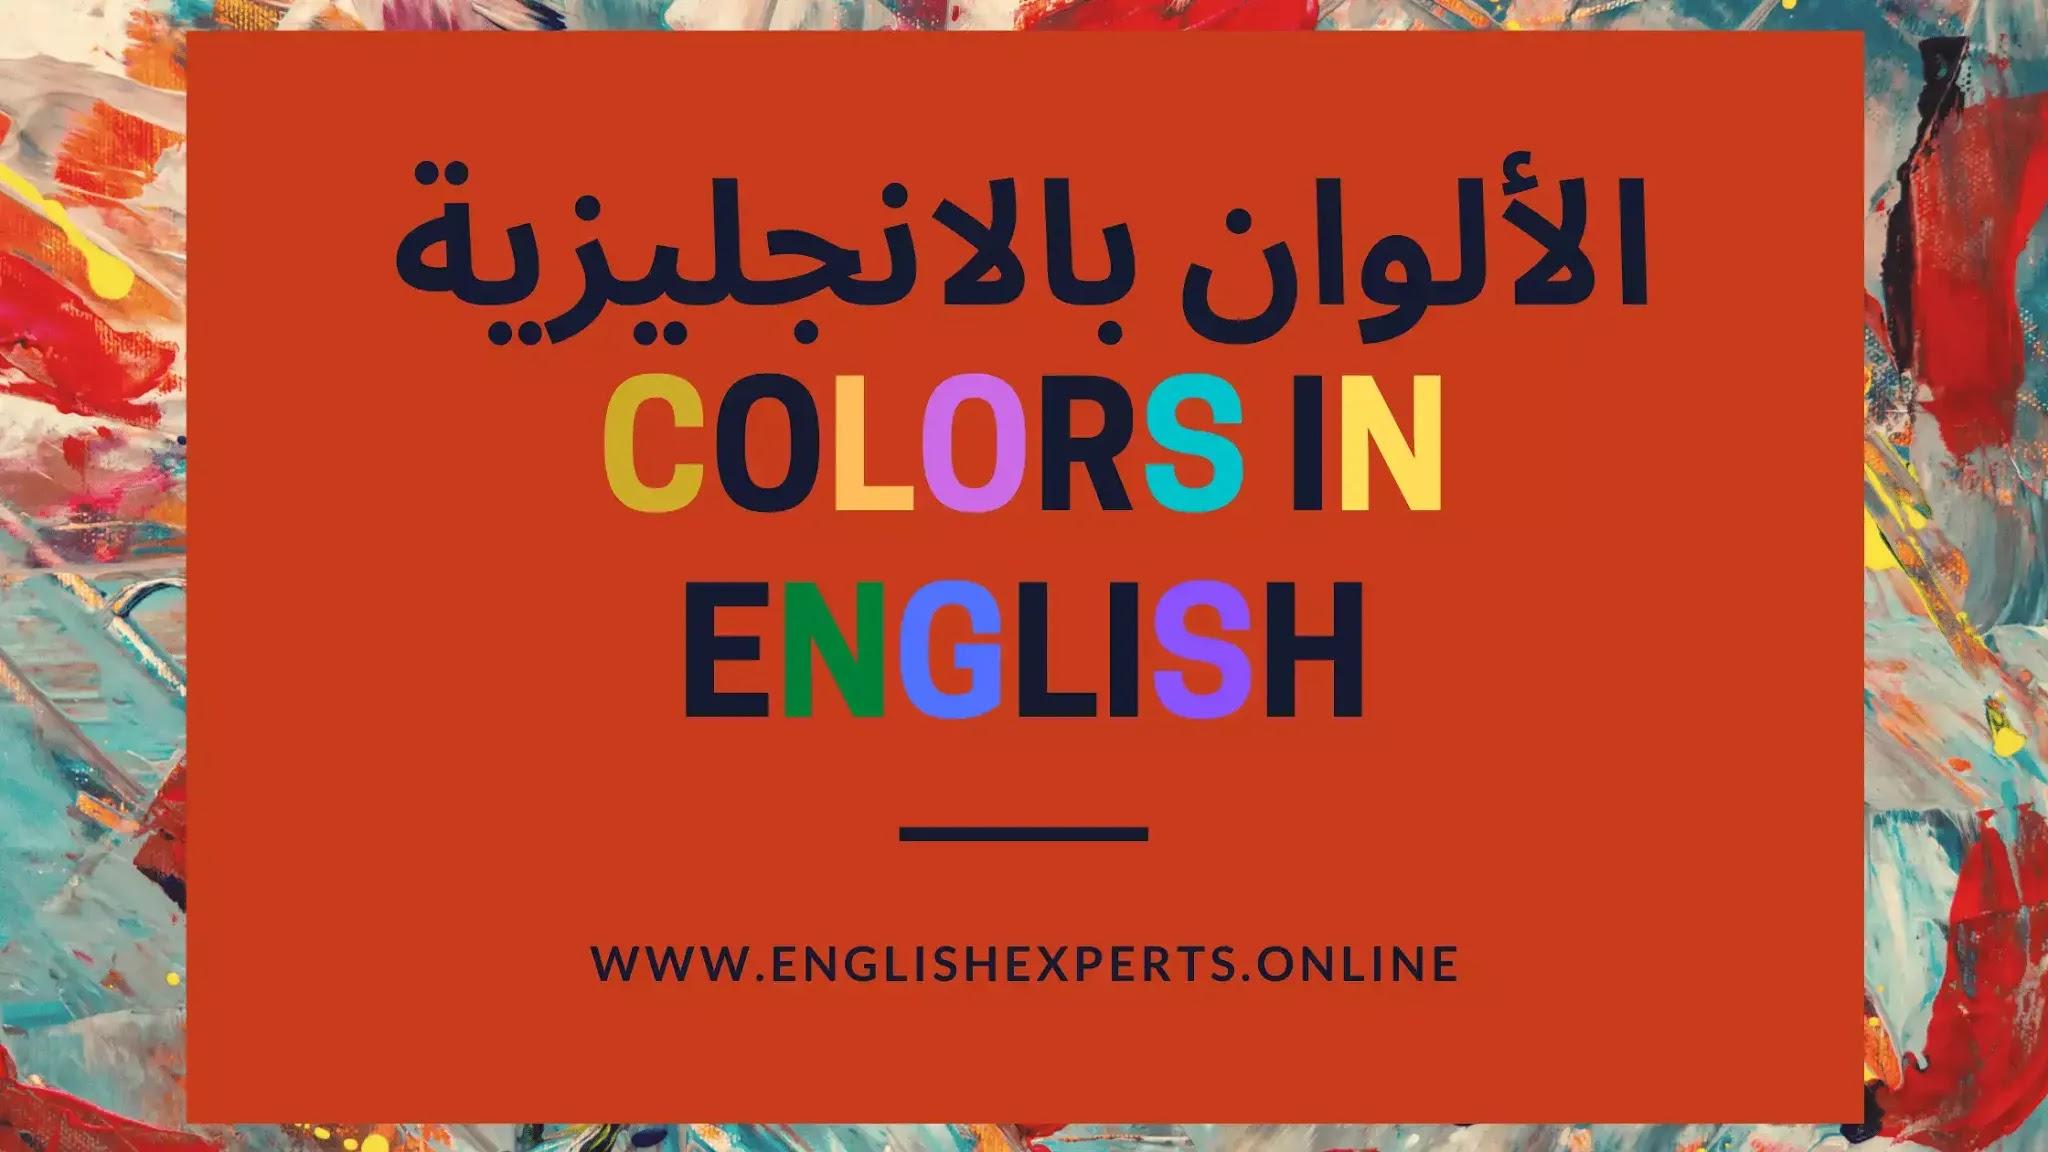 الألوان بالانجليزية colors شرح مبسط